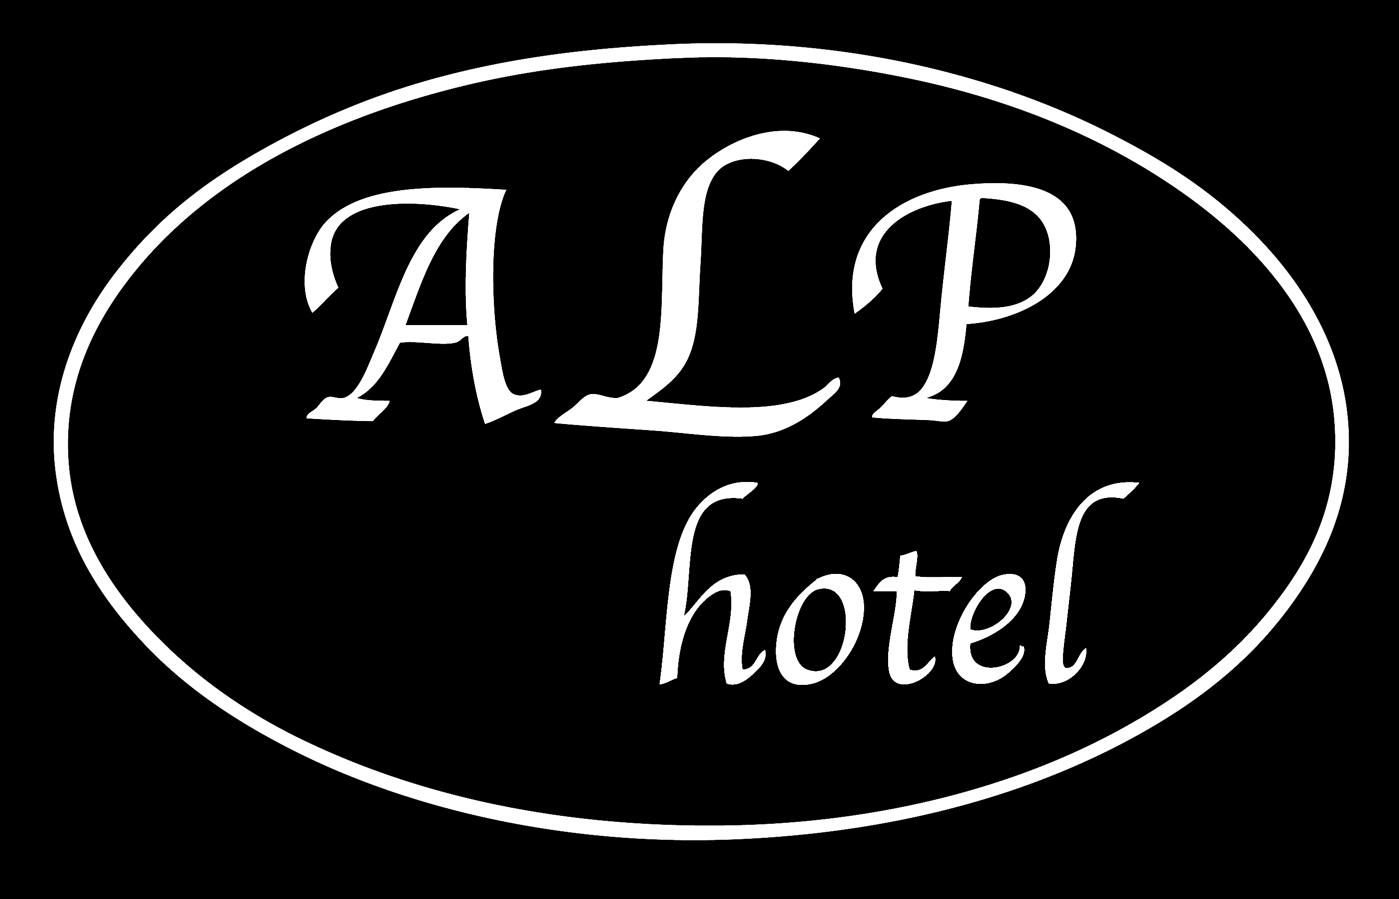 ALP hotel logo b_w.png